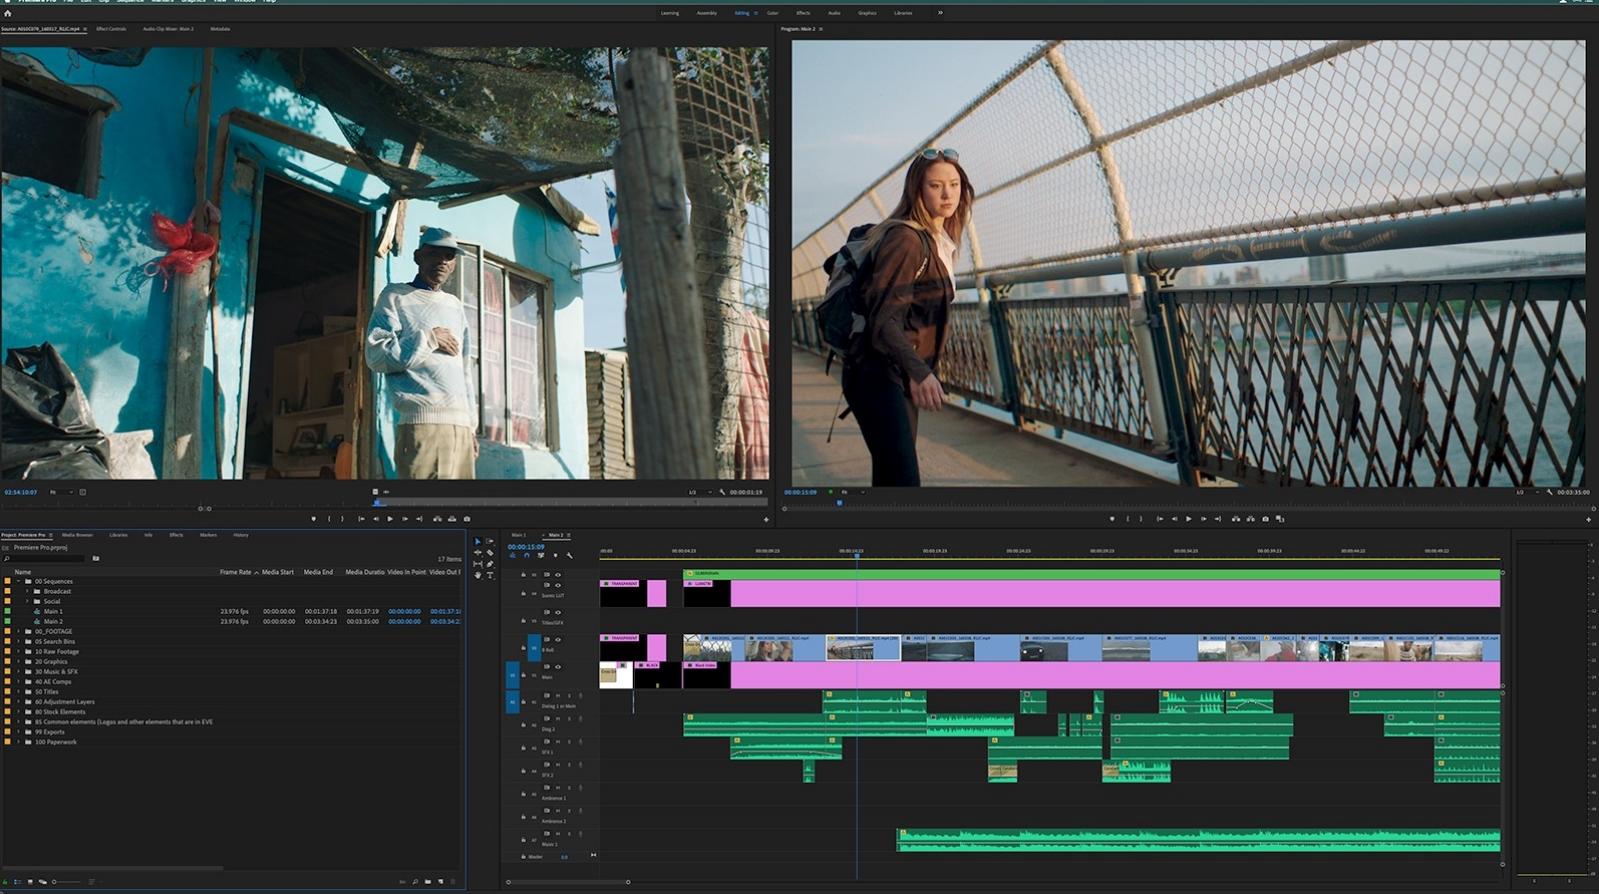 Adobe Premire Pro